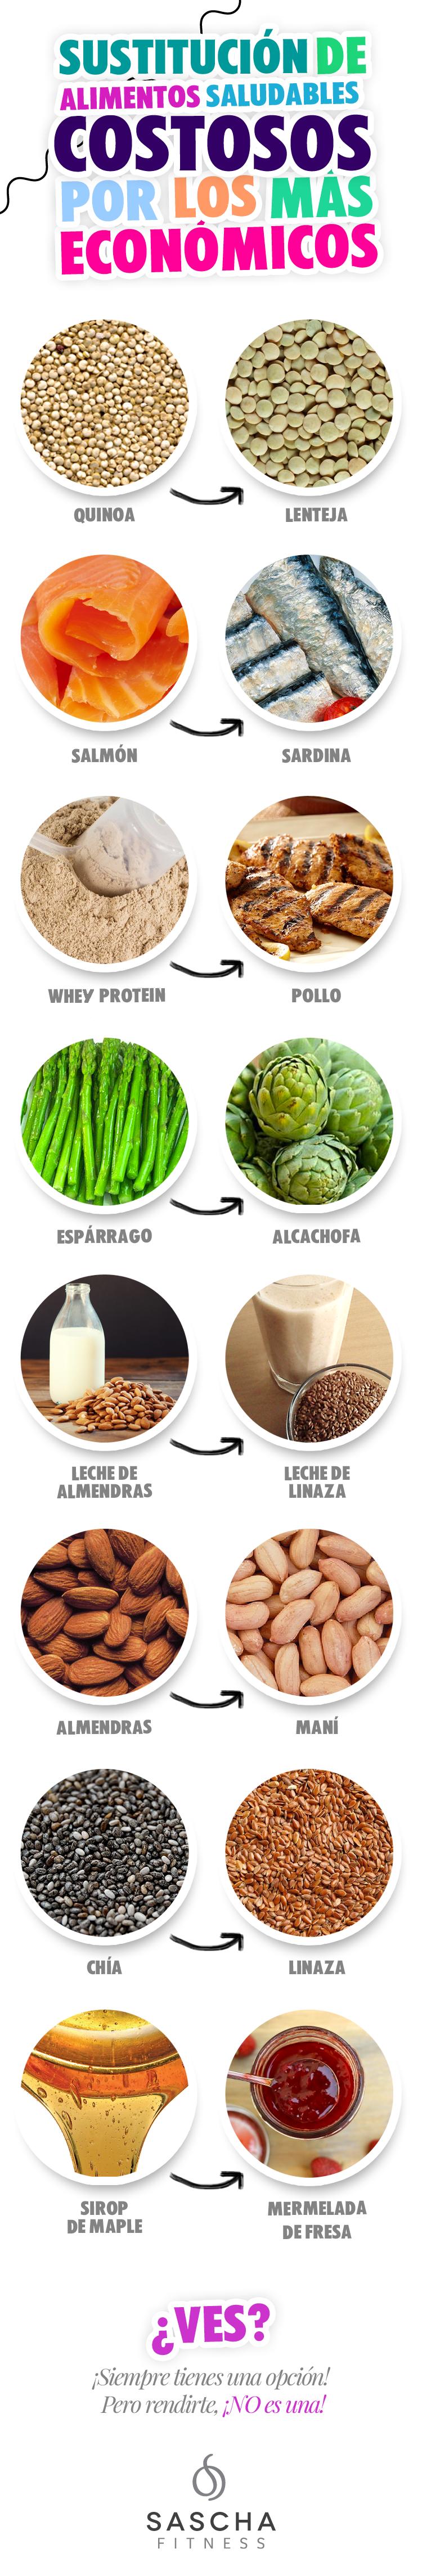 Alimentos Saludables Costosos Por Economicos Sascha Fitness Alimentos Saludables Nutricion Consejos De Nutricion